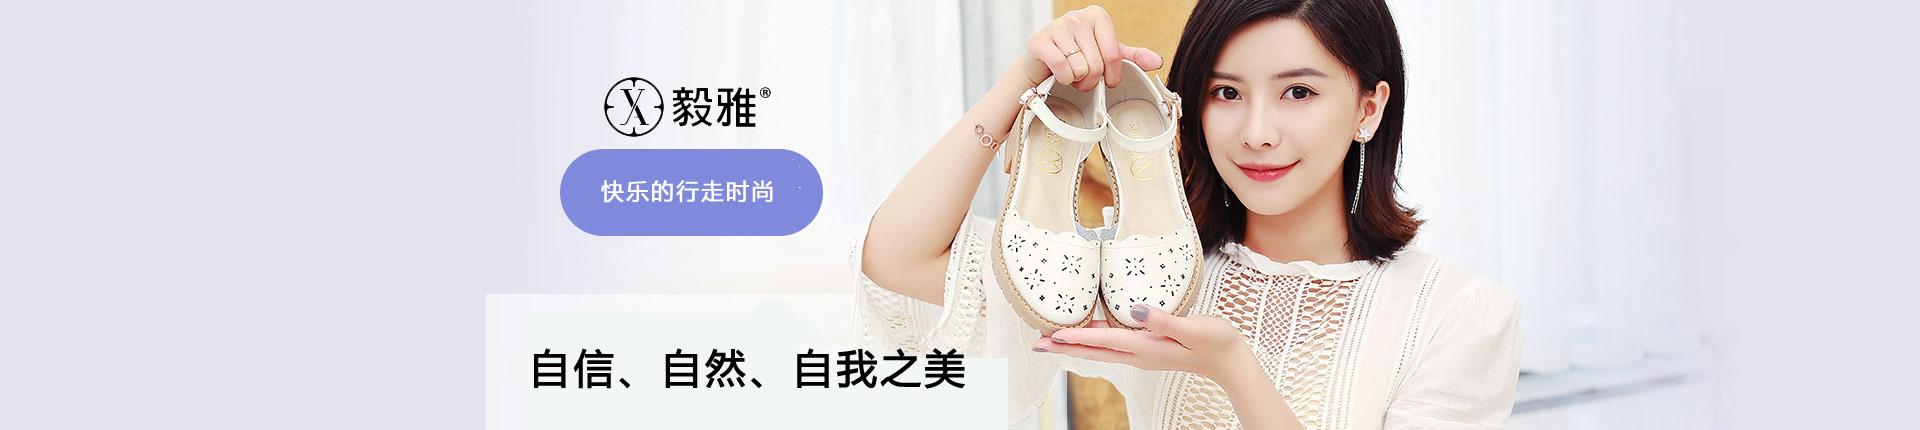 毅雅官方网站